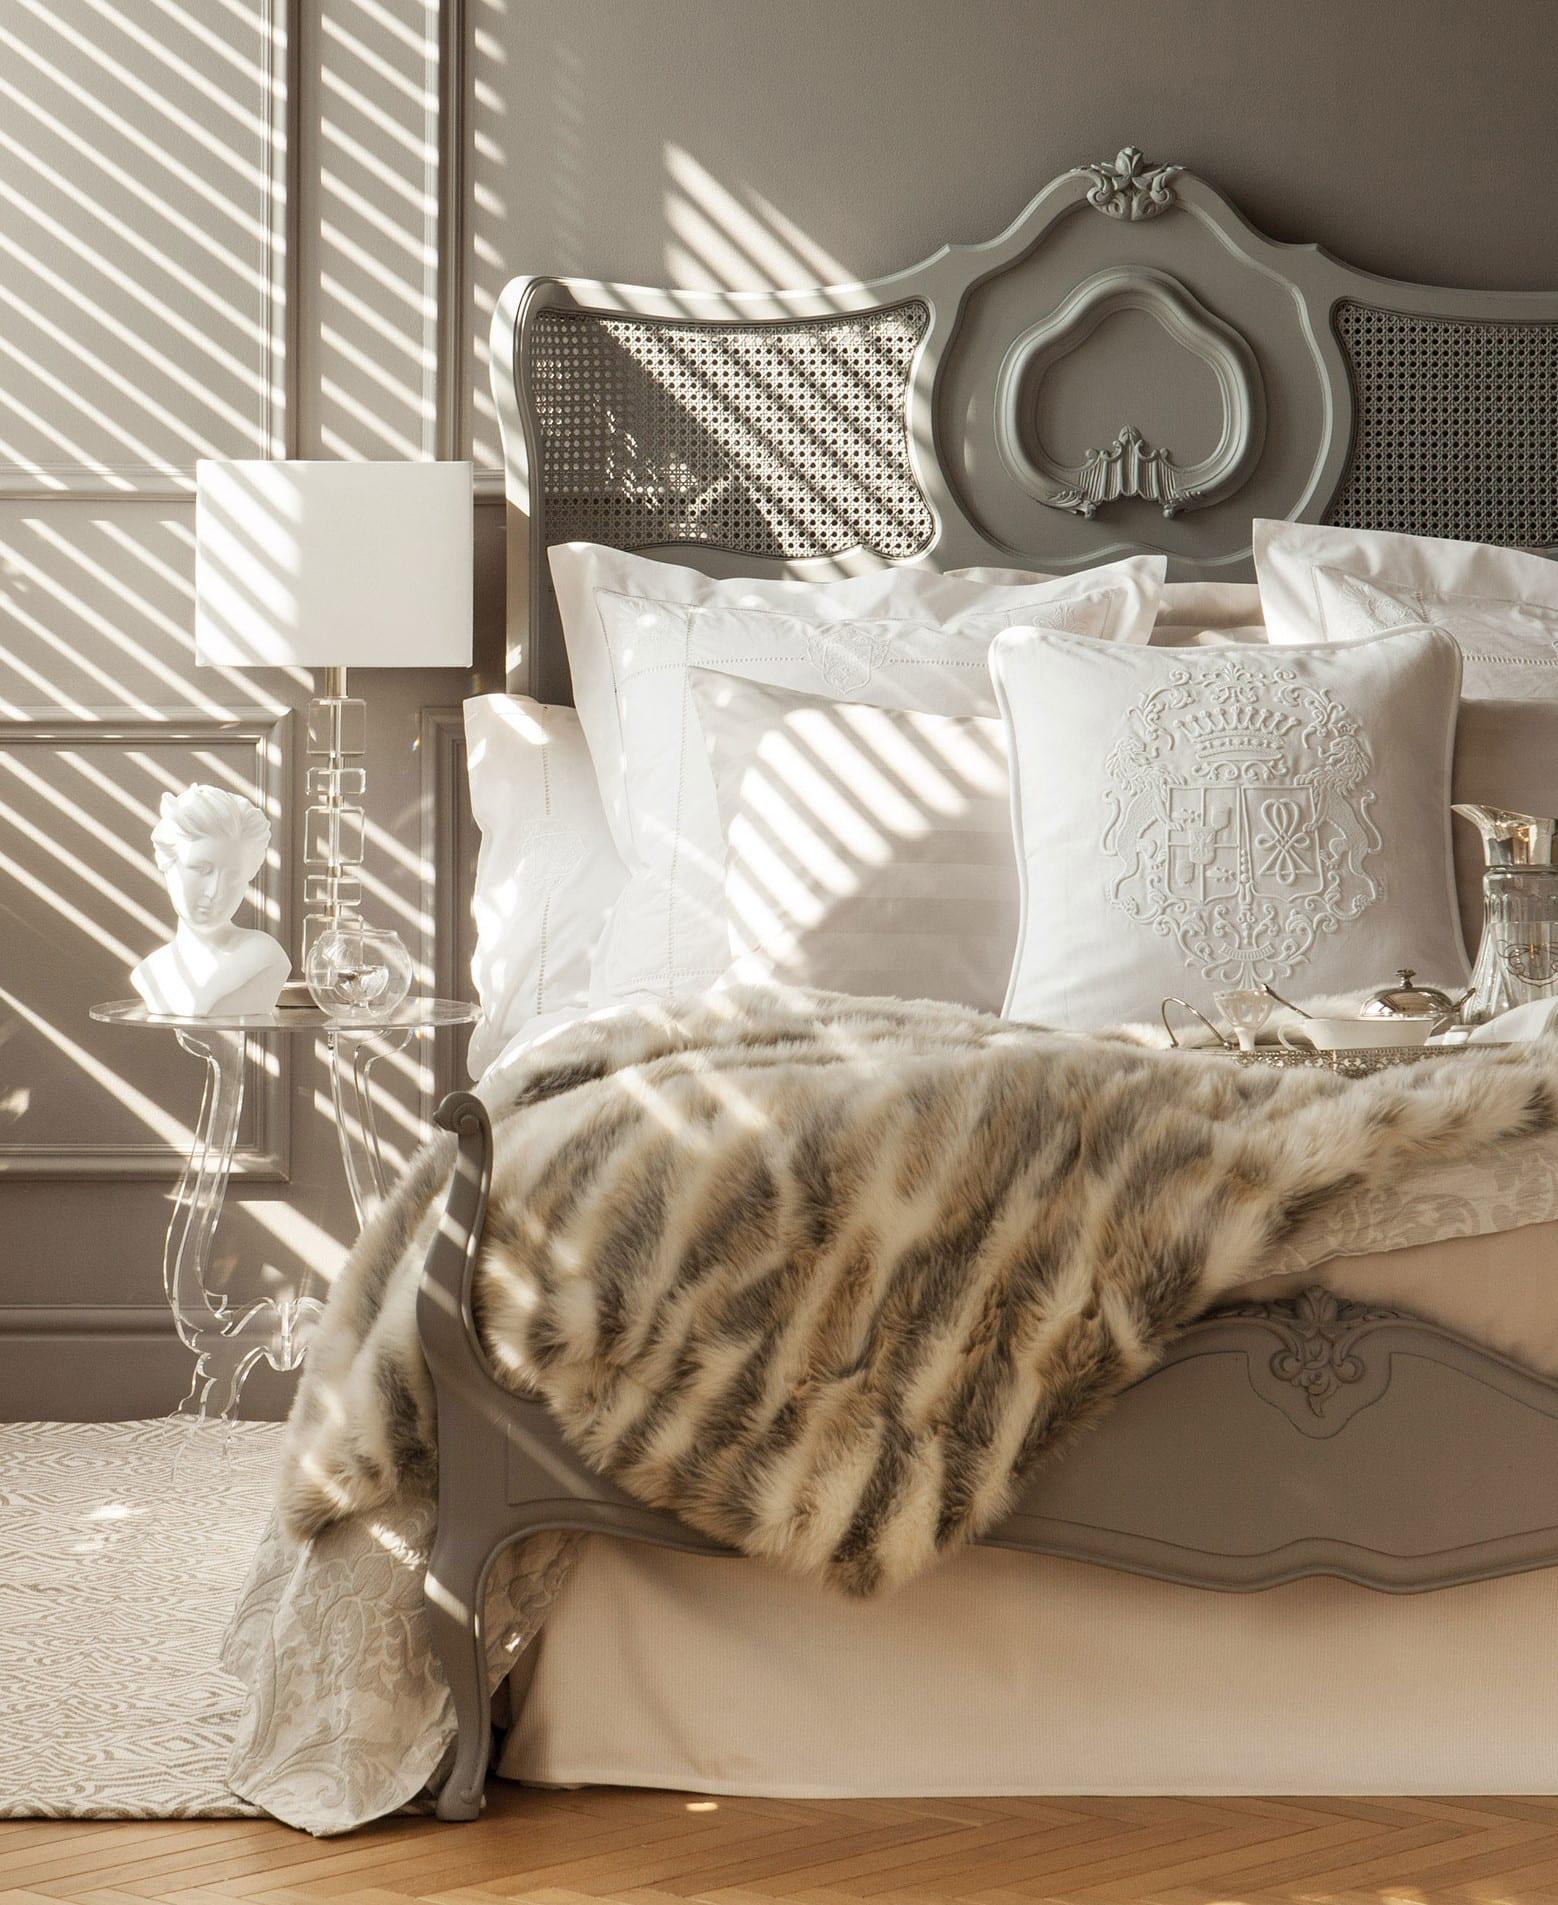 schlafzimmer grau mit wandfarbe grau und barock-bett brau modern einrichten mit zara home bettwäsche weiß und zara pelz-bettdecke